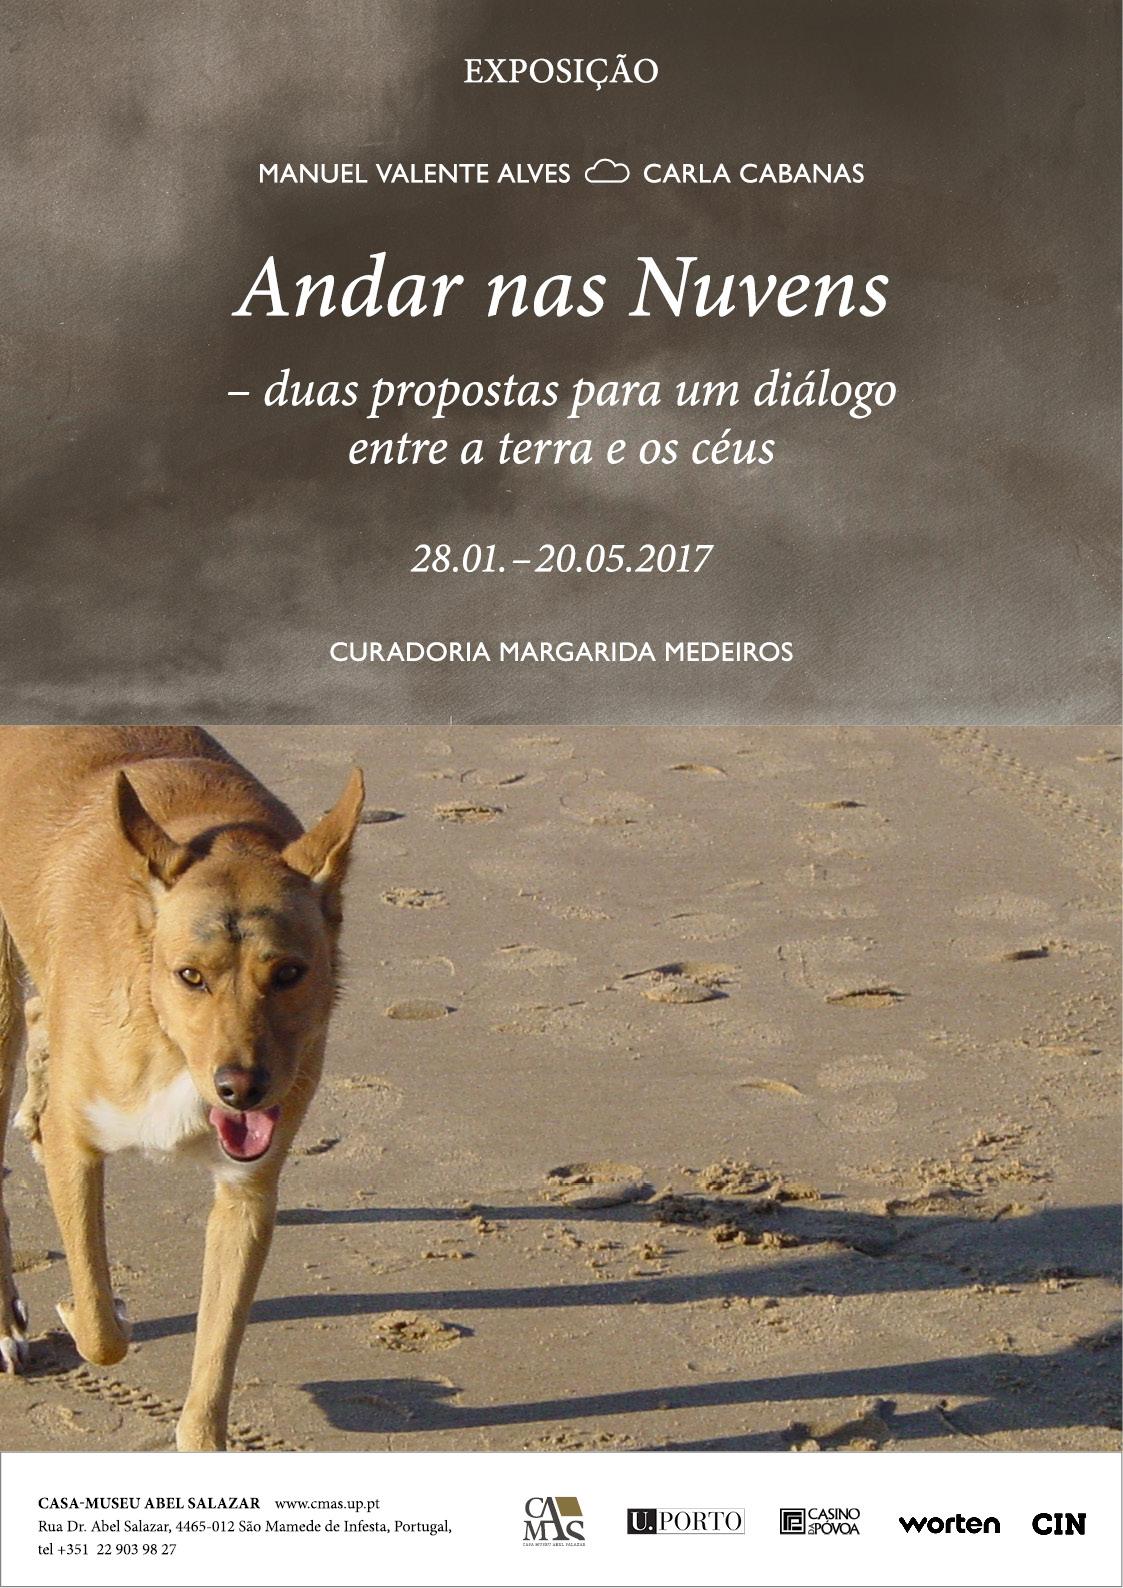 """""""Andar nas Nuvens"""", exposição de Manuel Valente Alves e Carla Cabanas, até 20/05"""